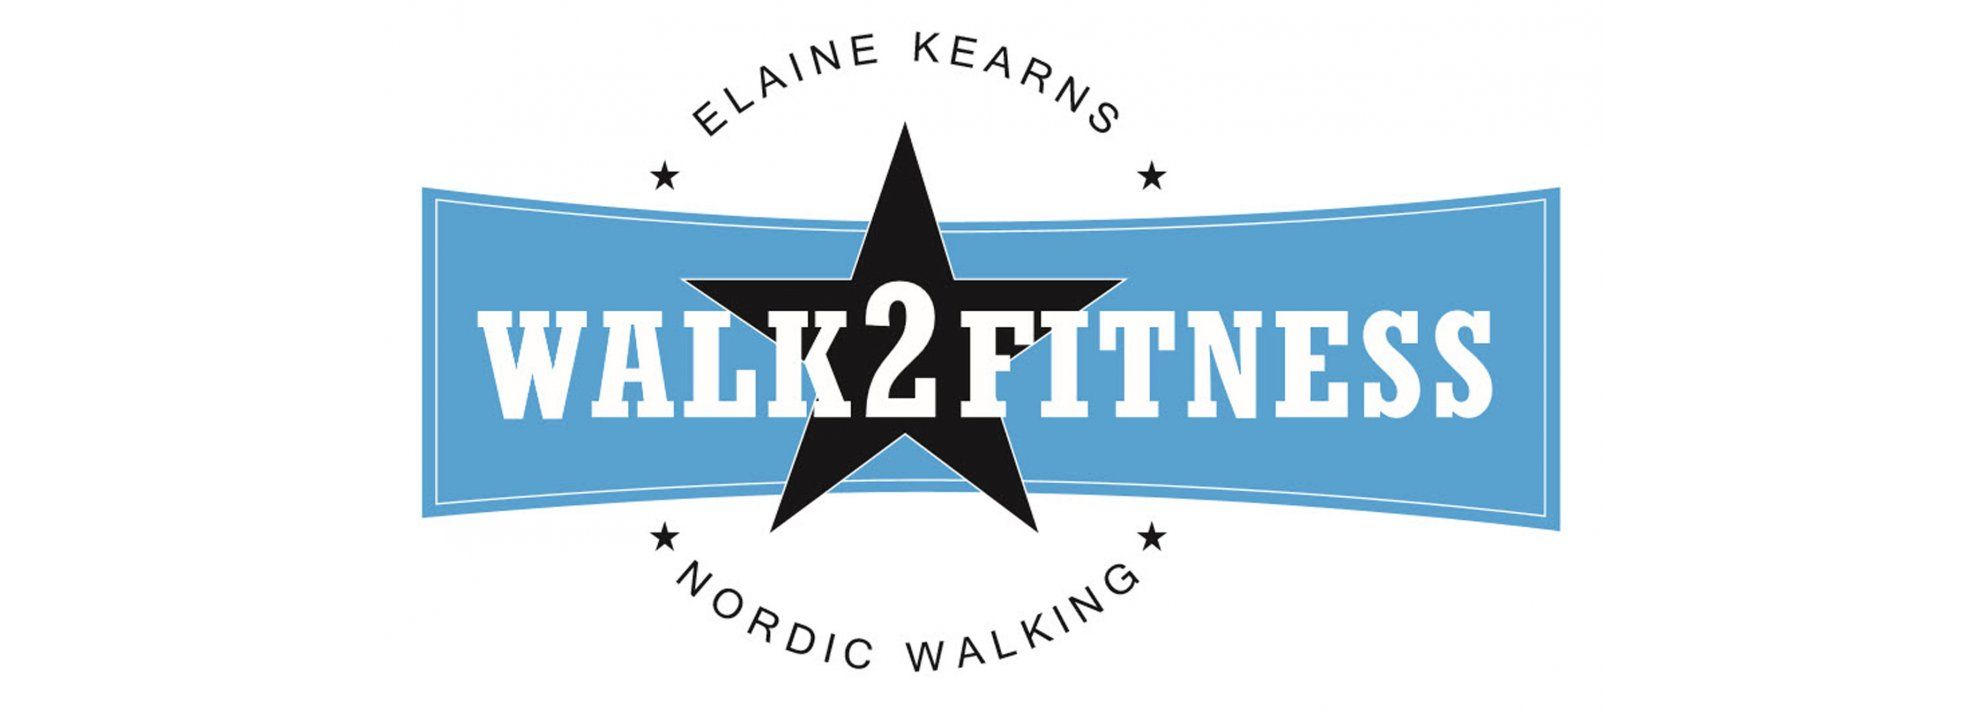 Nordic Walking Workout Banner